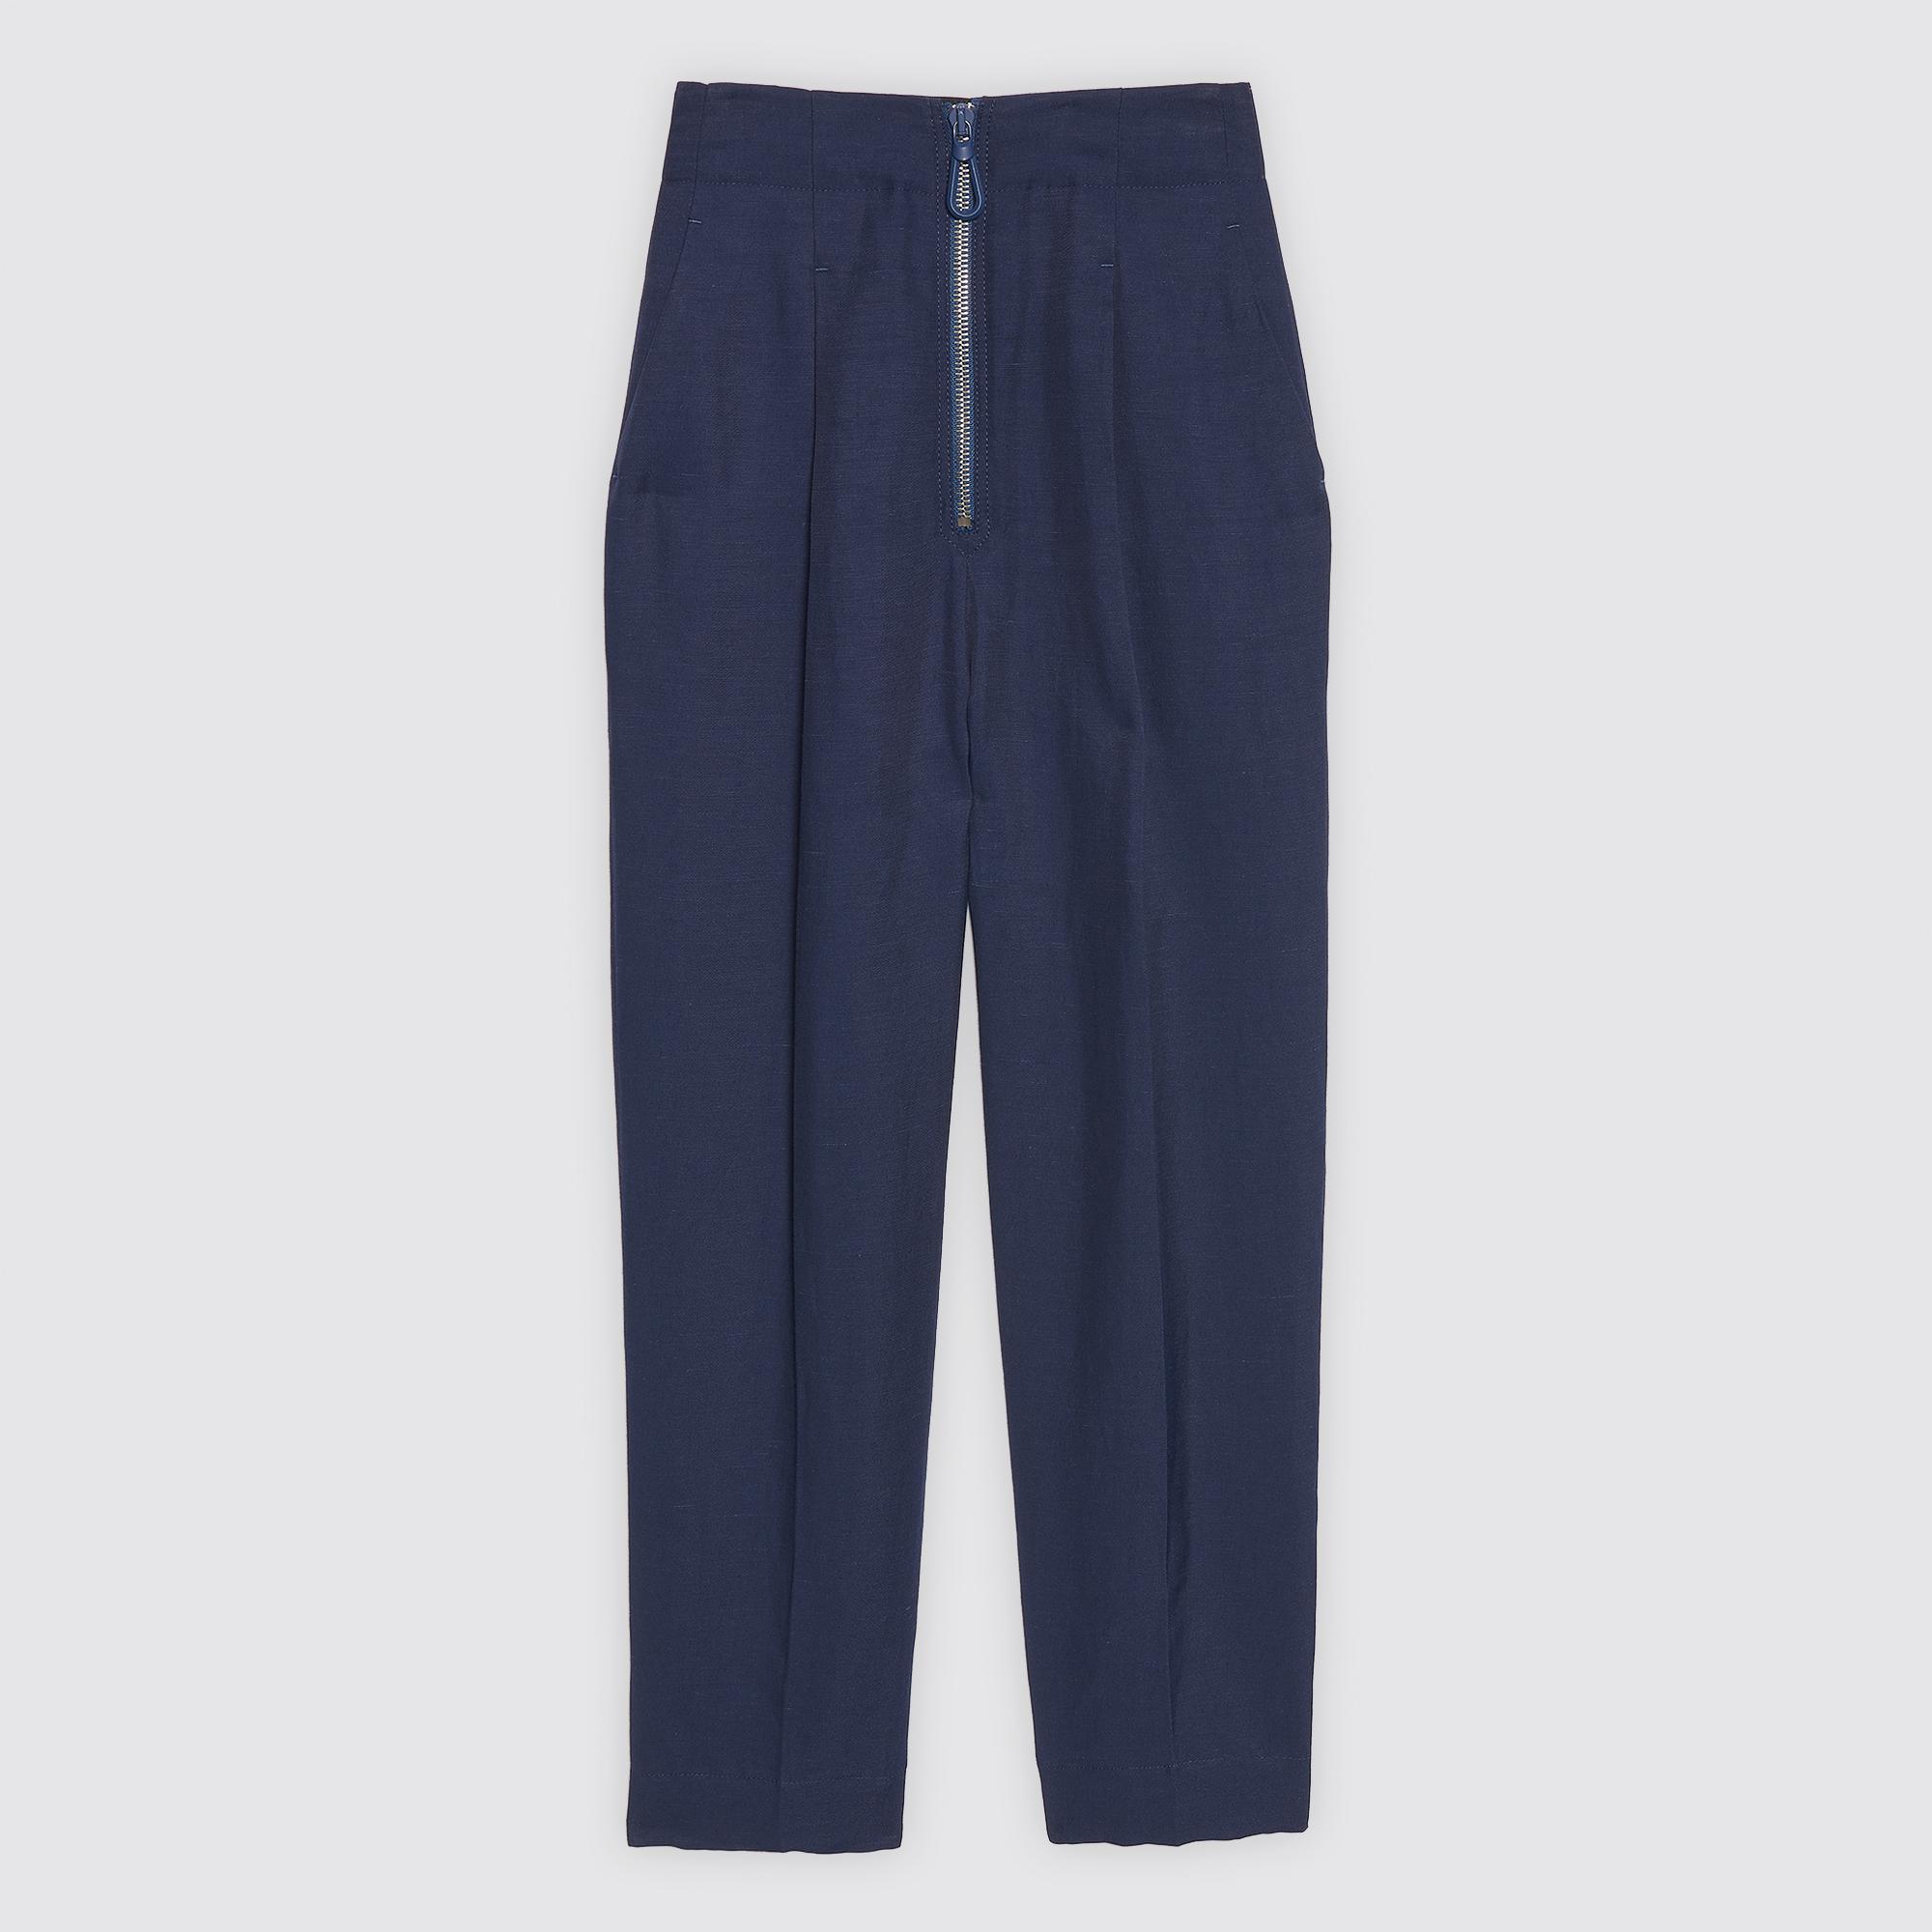 Pantaloni 7/8 : Collezione Estiva colore Blu Marino